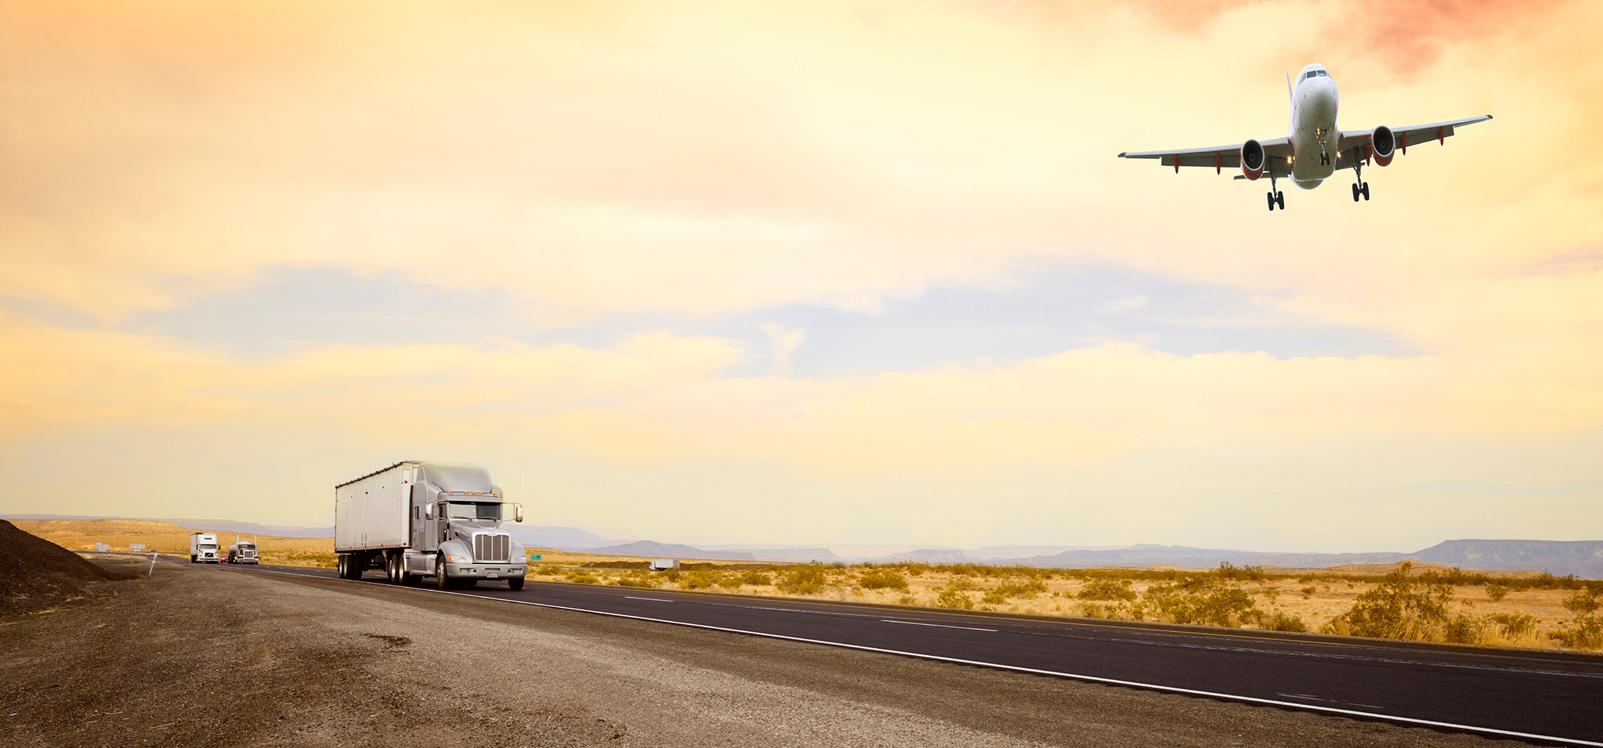 บริการนำเข้าสินค้ายุโรป ขนส่งสินค้า นำเข้าเครื่องจักรเยอรมัน Ultimate Logistics